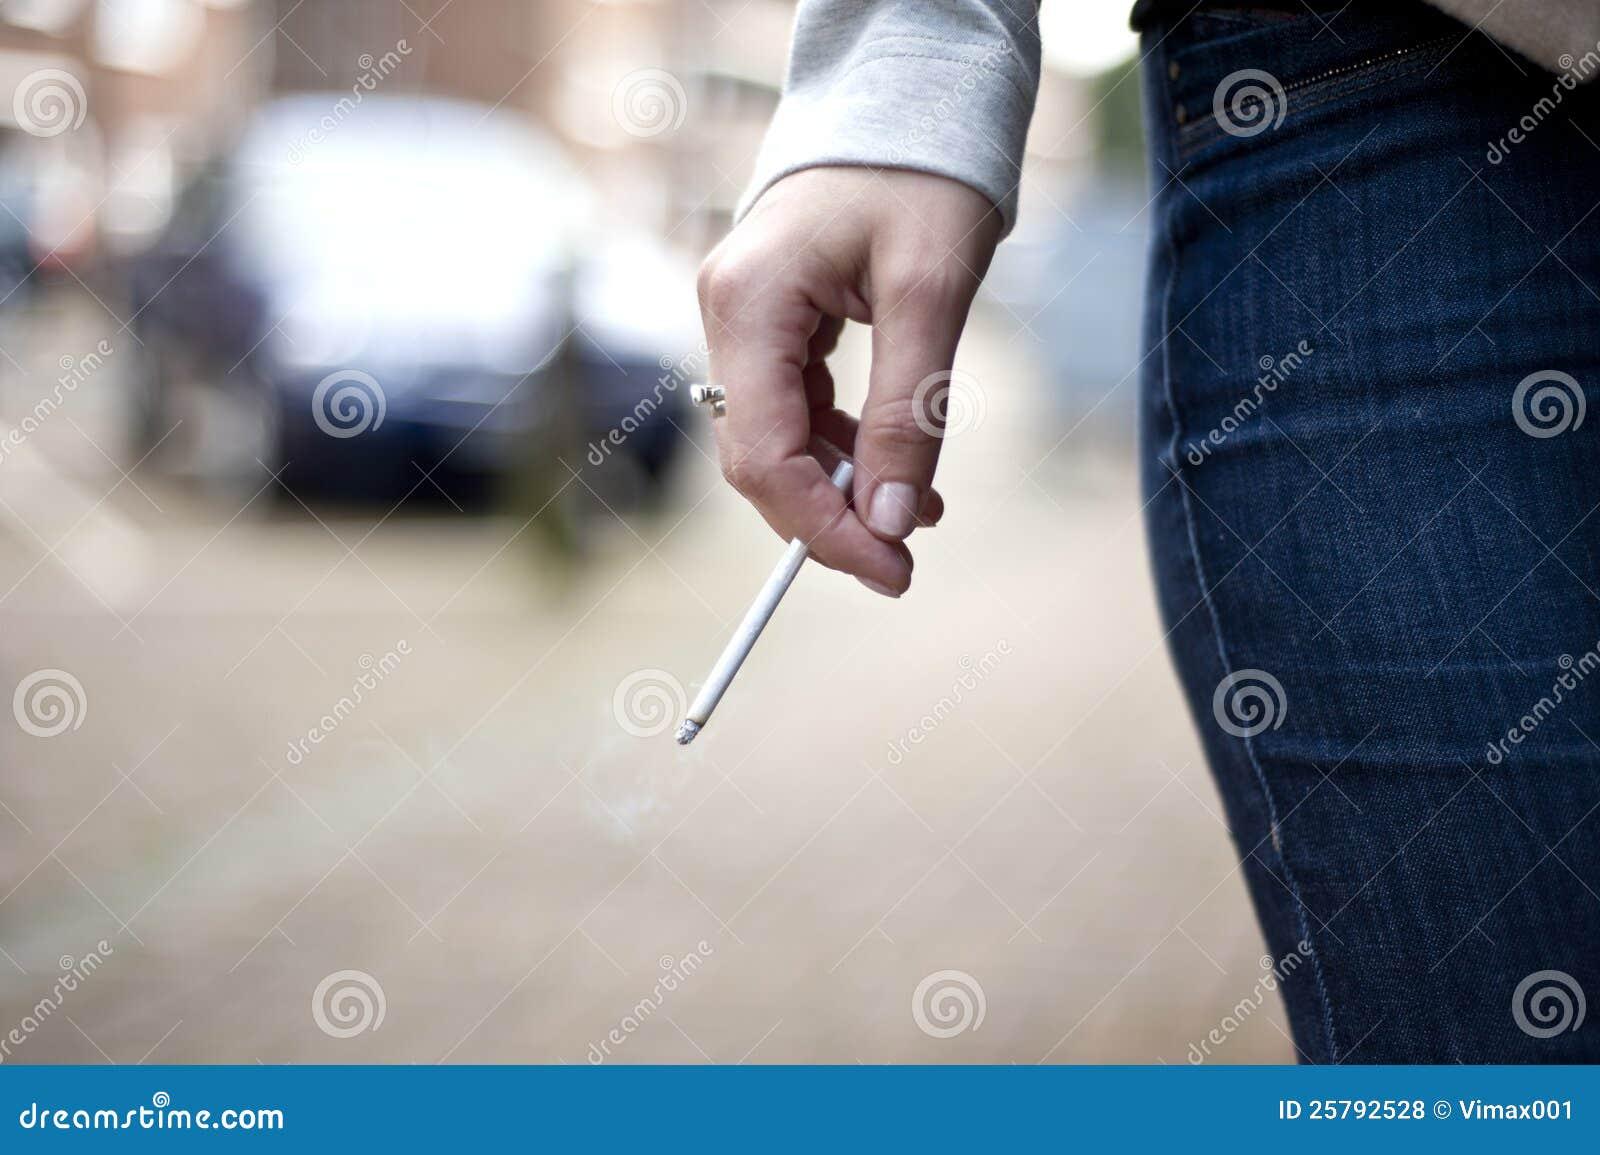 Hand mit sigarette